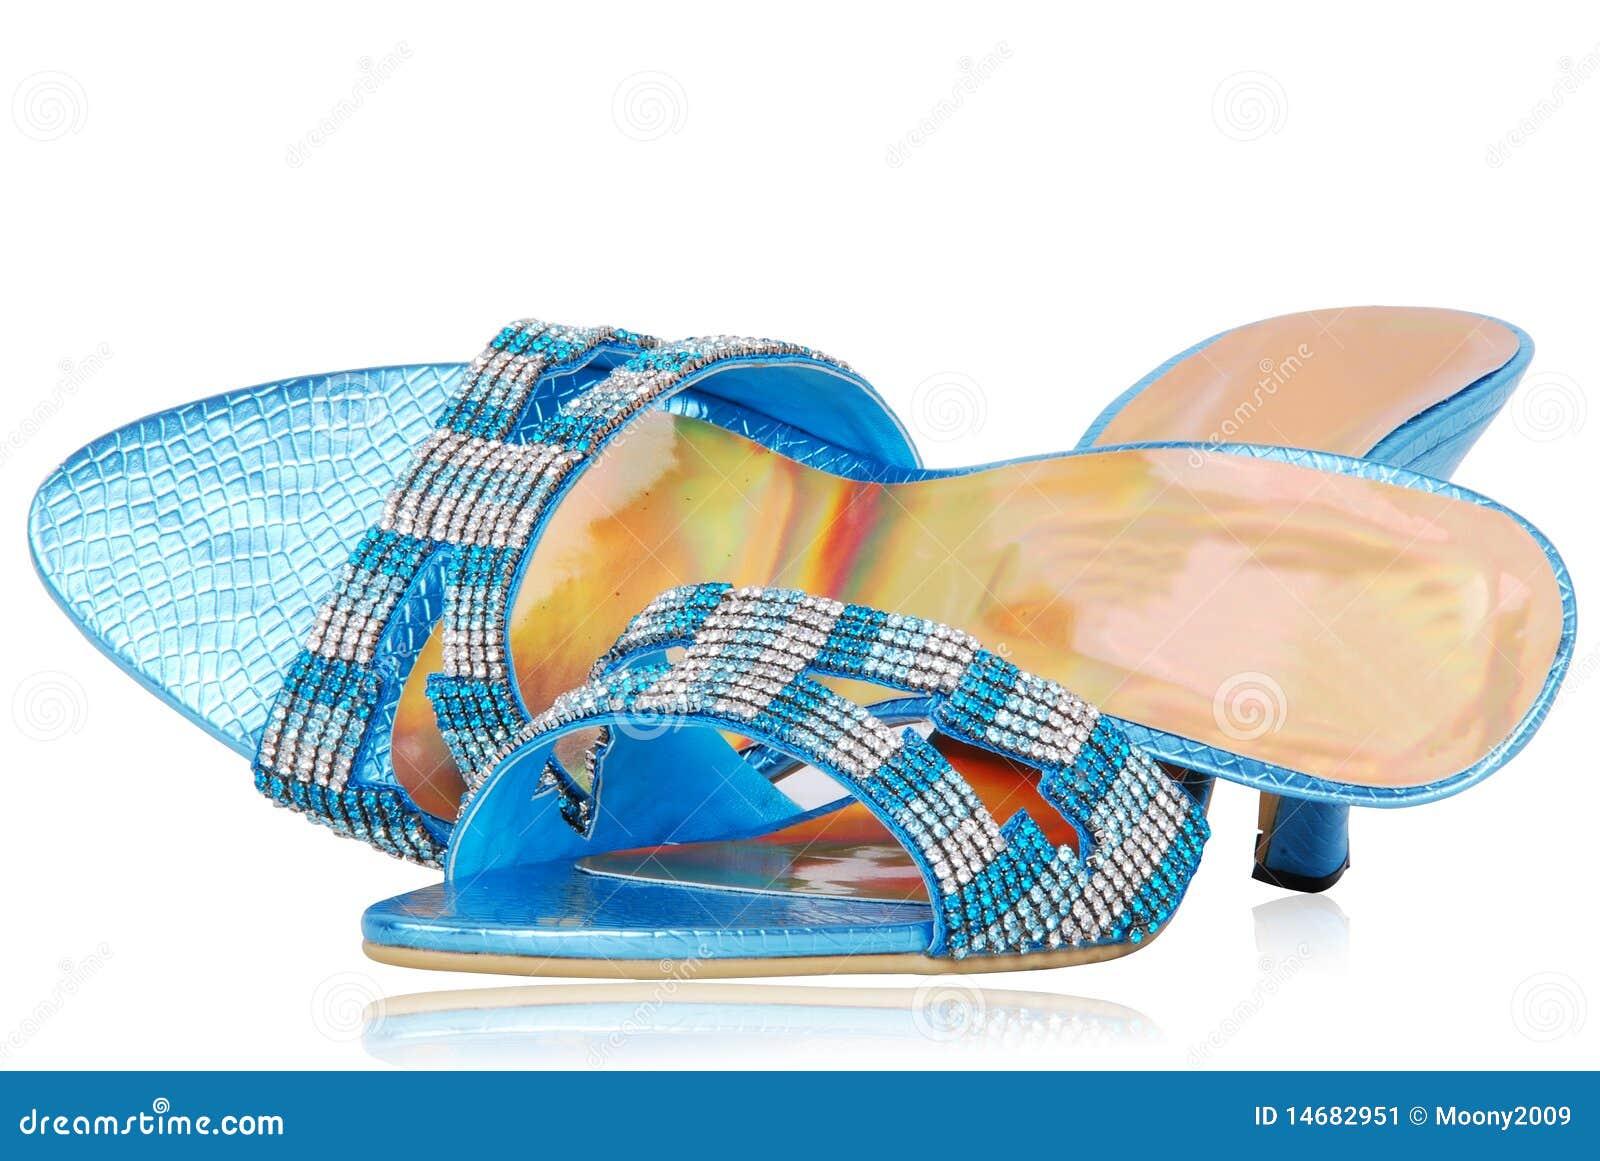 De dames stellen zich schoenen voor